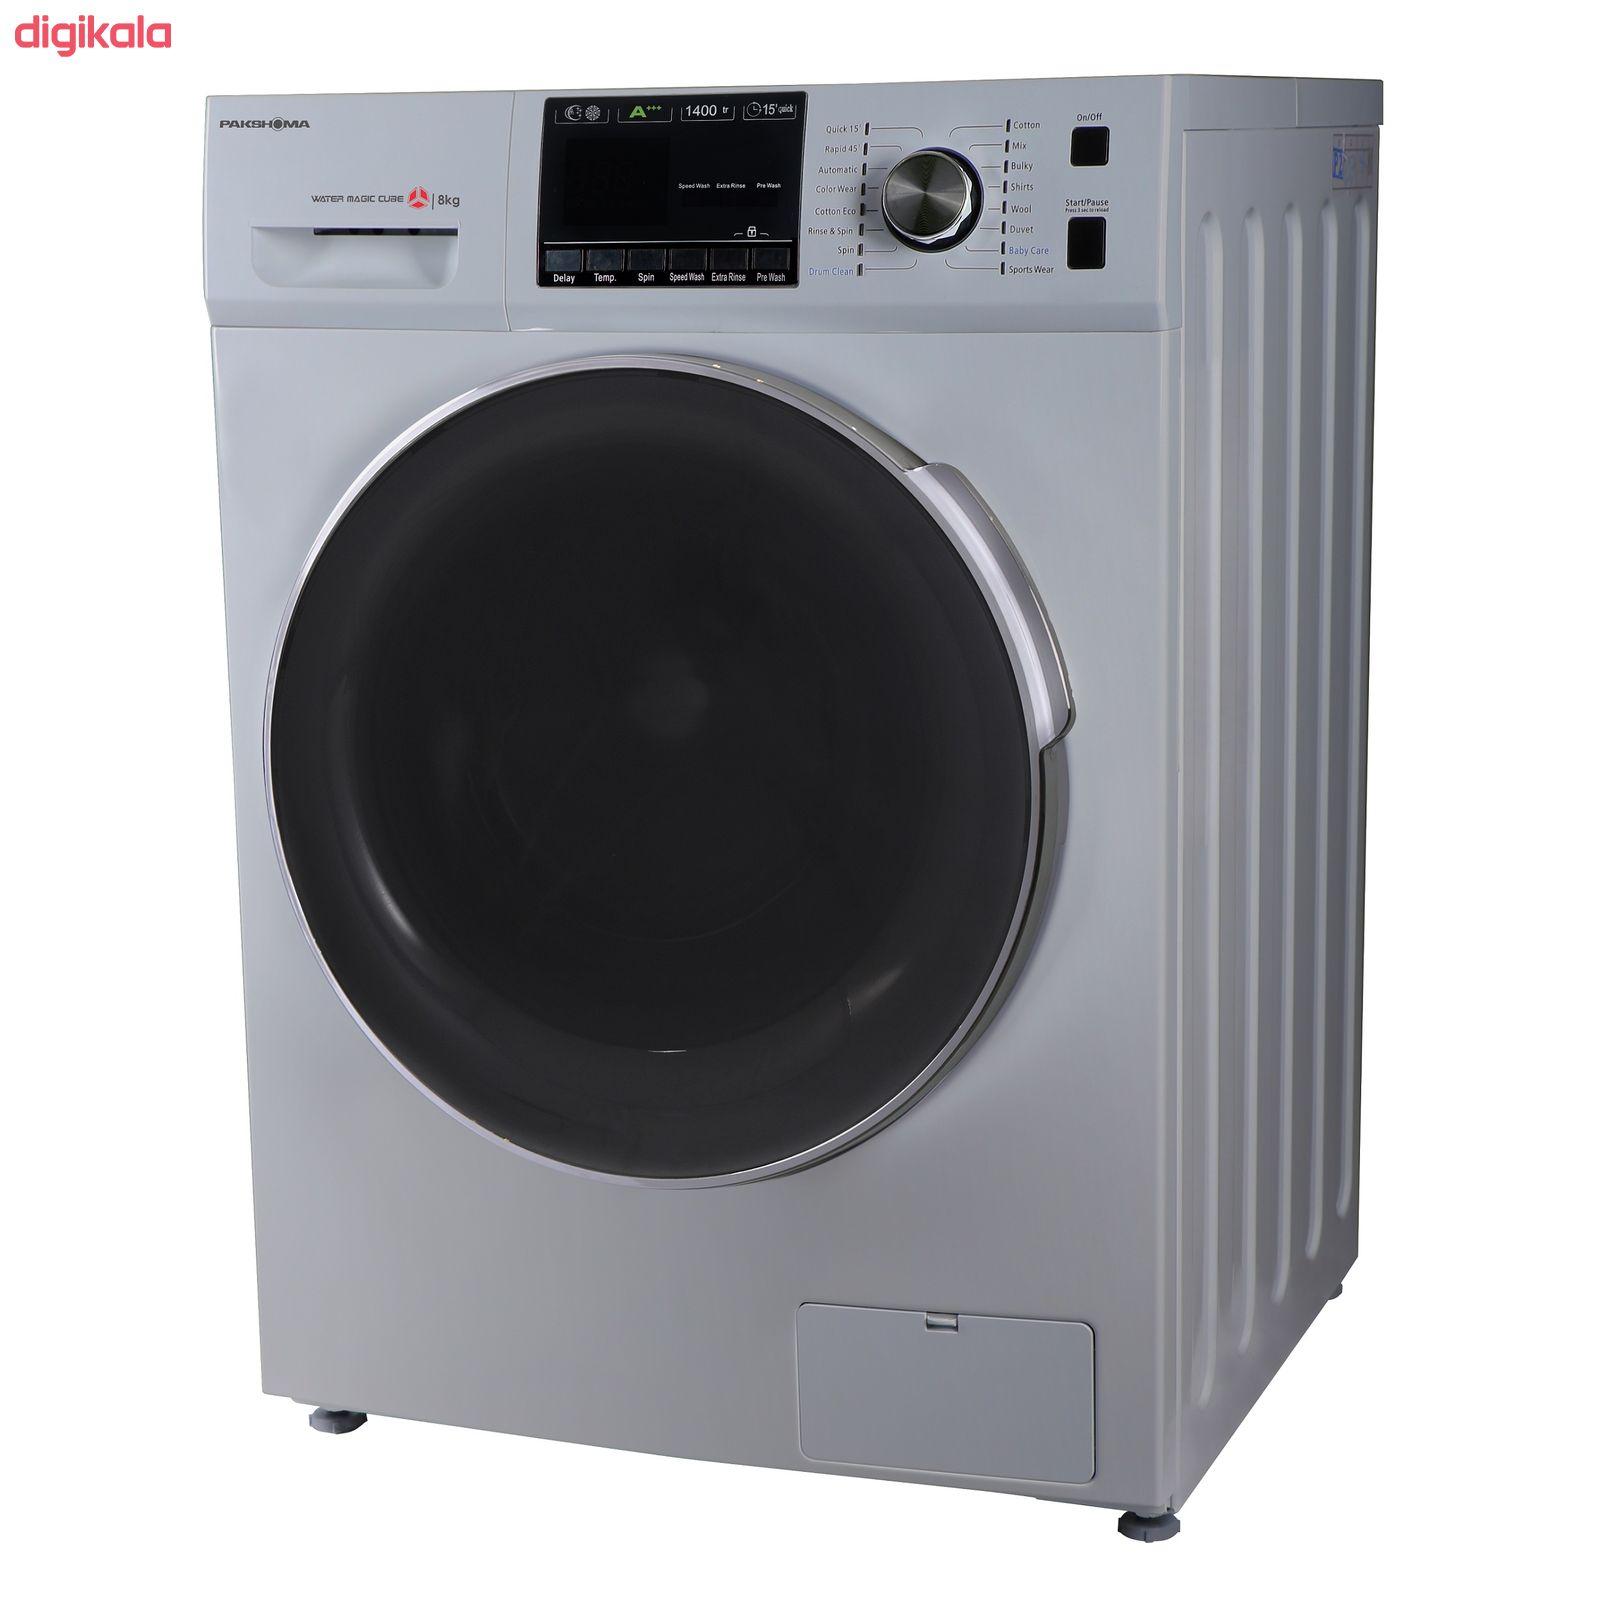 ماشین لباسشویی پاکشوما مدل TFU-84401 ظرفیت 8 کیلوگرم main 1 3